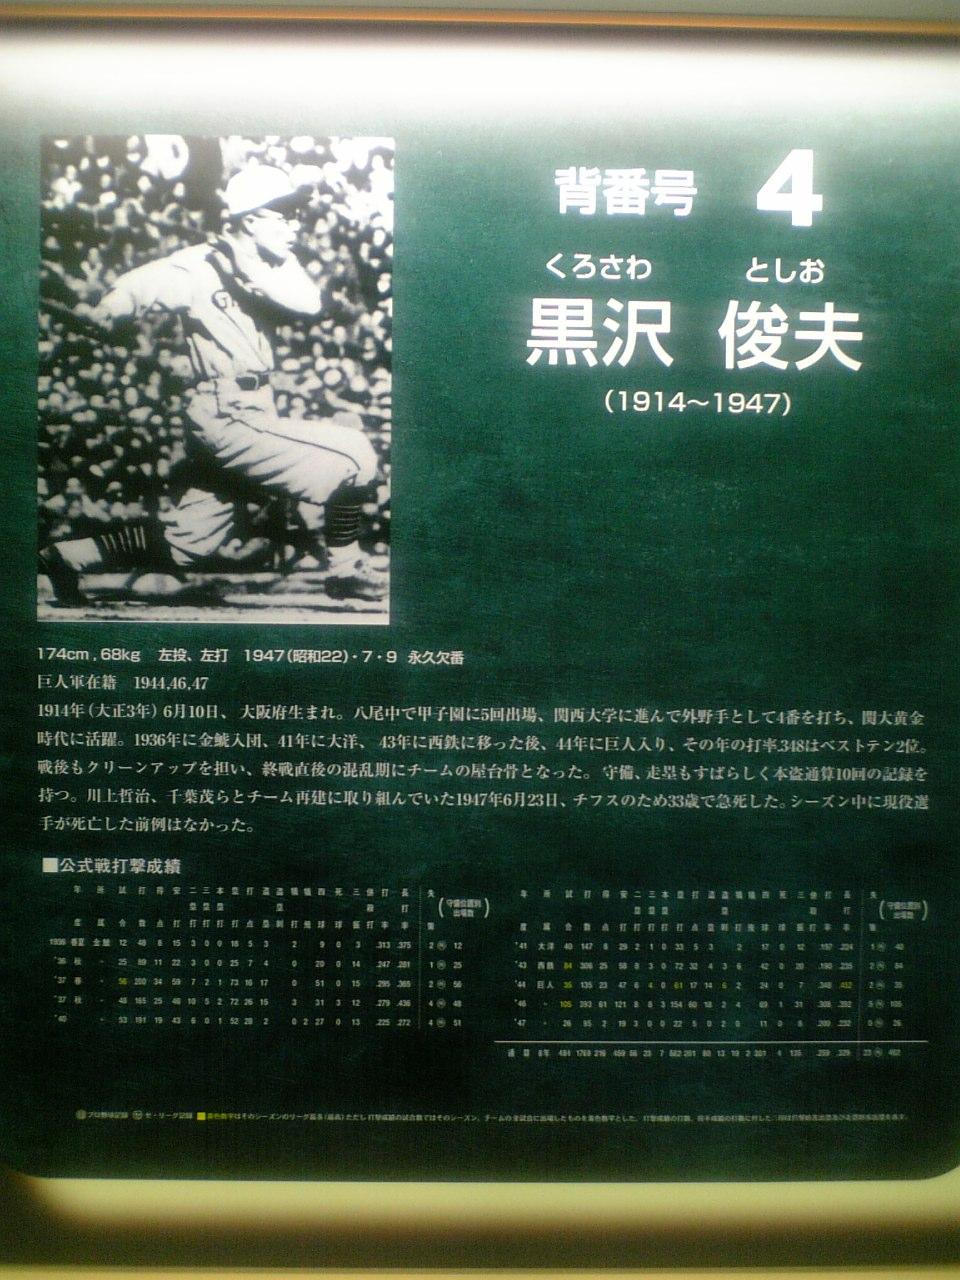 黒沢俊夫の画像 p1_4